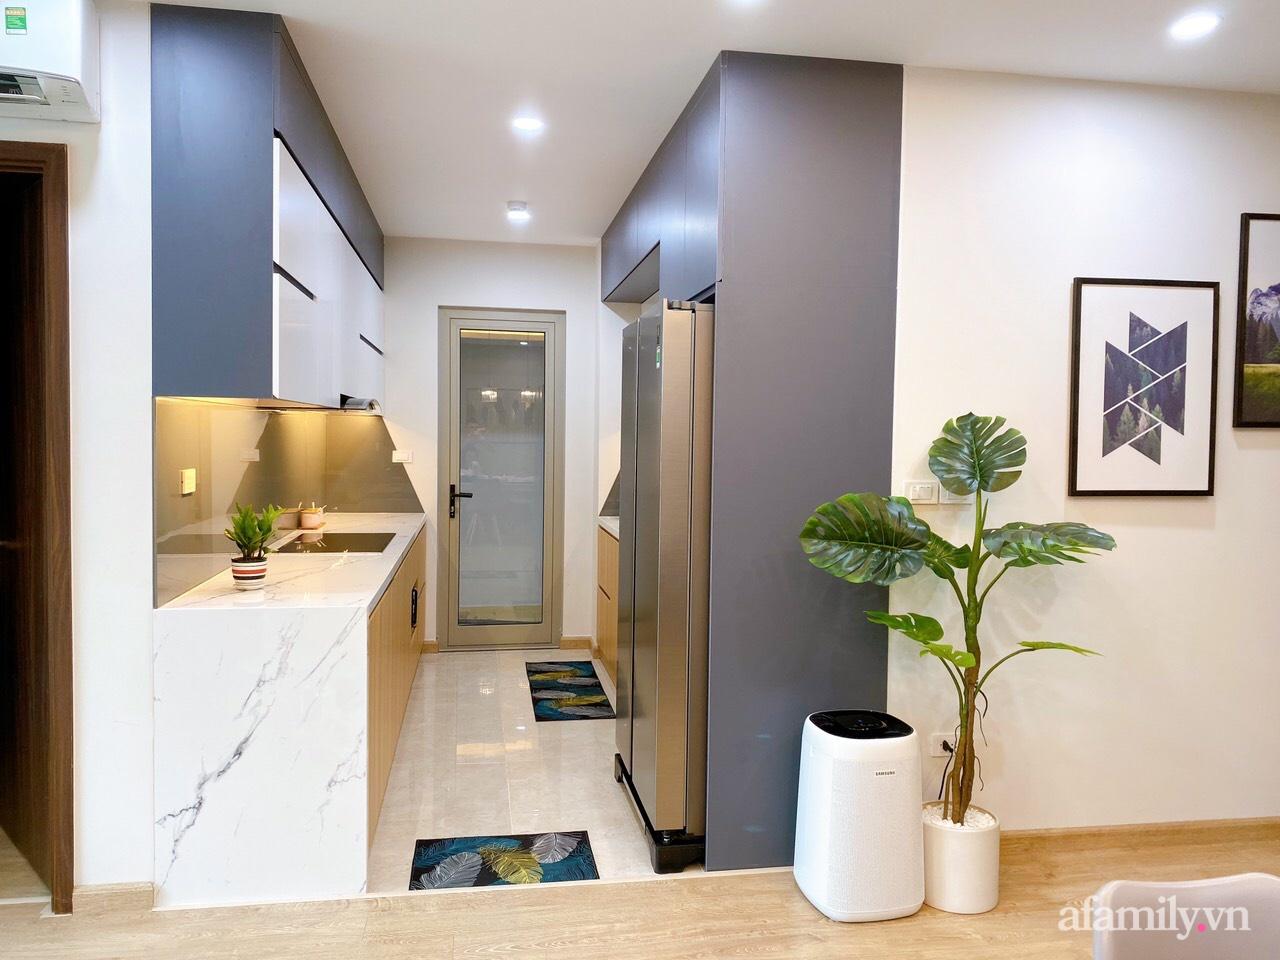 Căn hộ 92m² đong đầy hạnh phúc với nội thất đơn giản, hiện đại của vợ chồng trẻ Hà Nội - Ảnh 9.